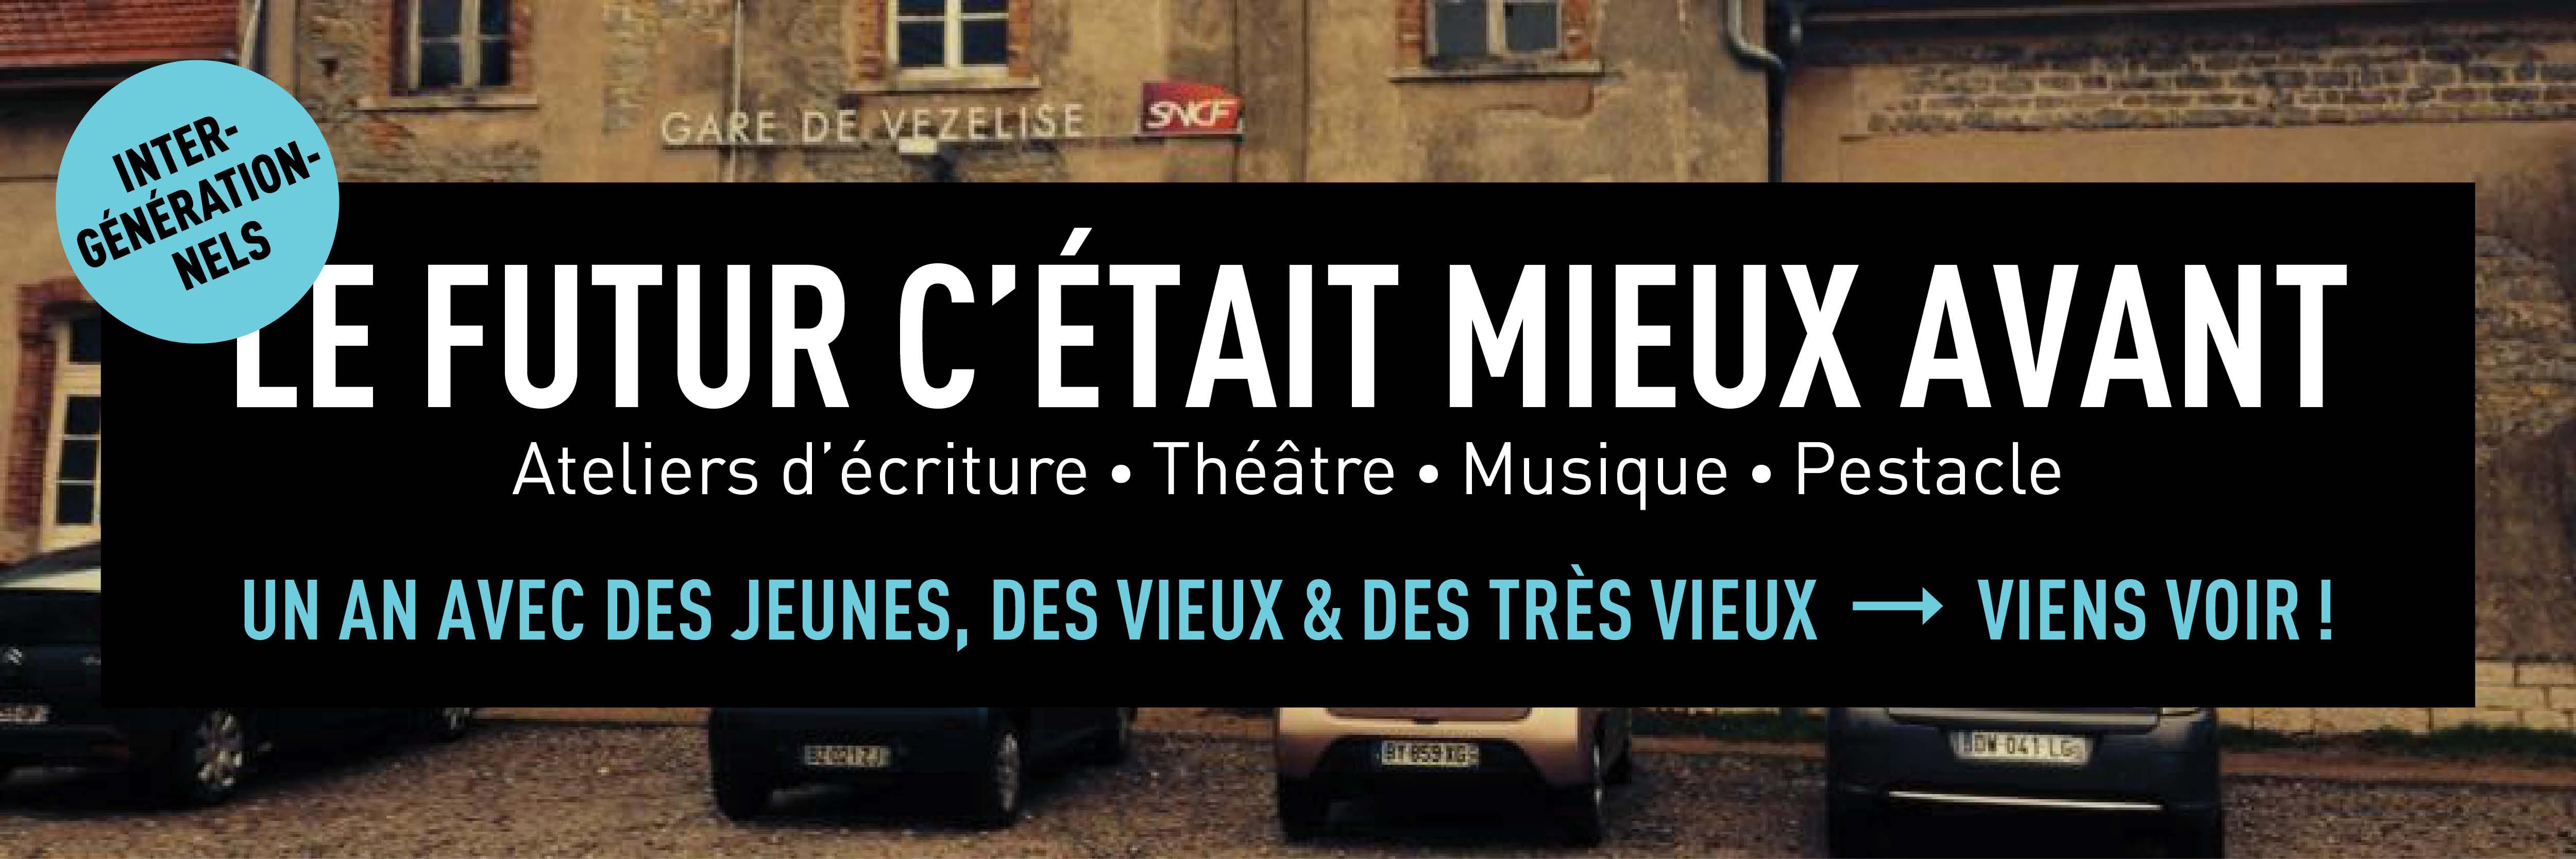 Actus_Le_Futur